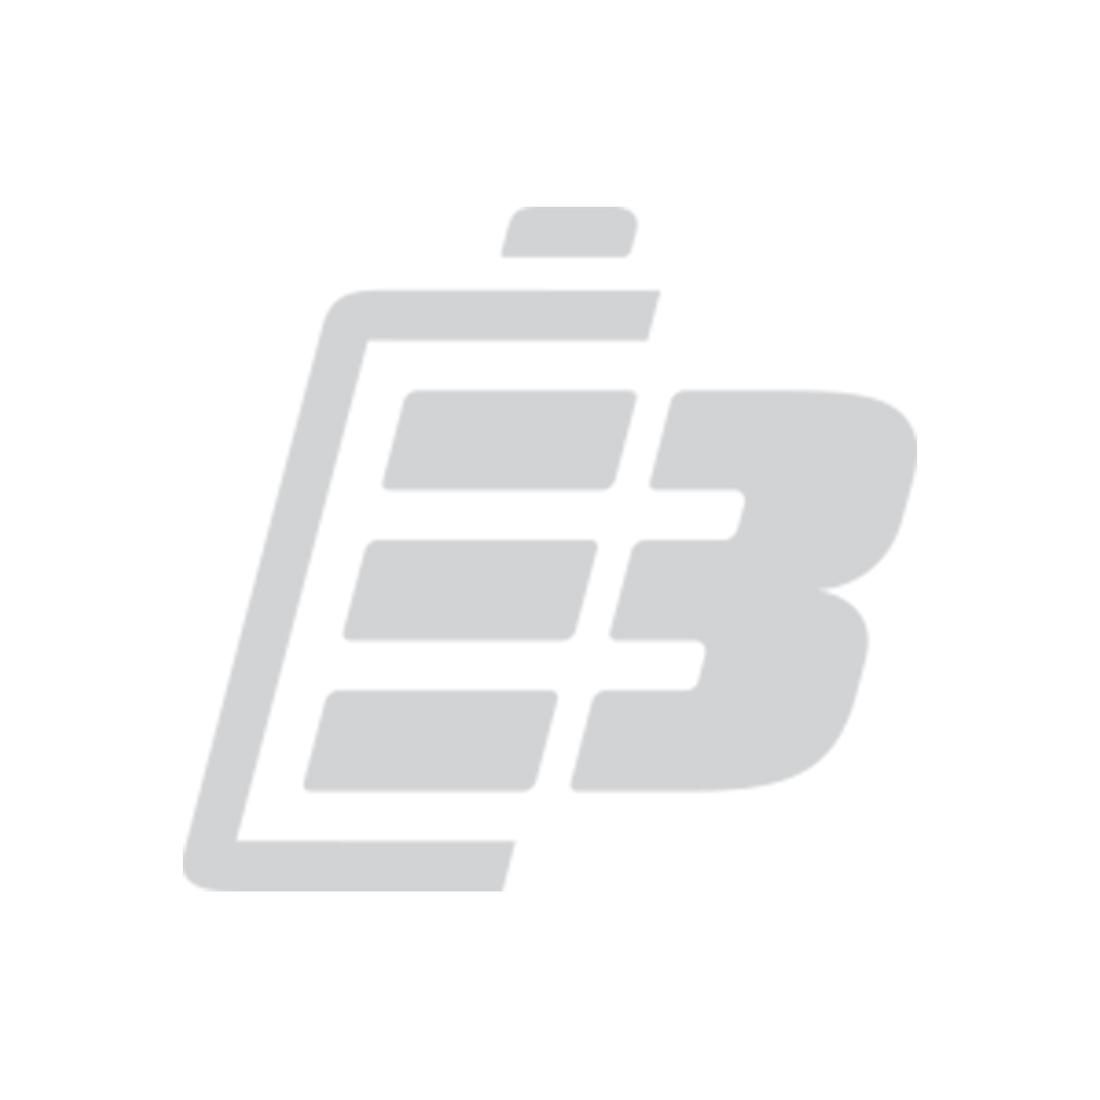 Μπαταρία barcode scanner Intermec CN50_1